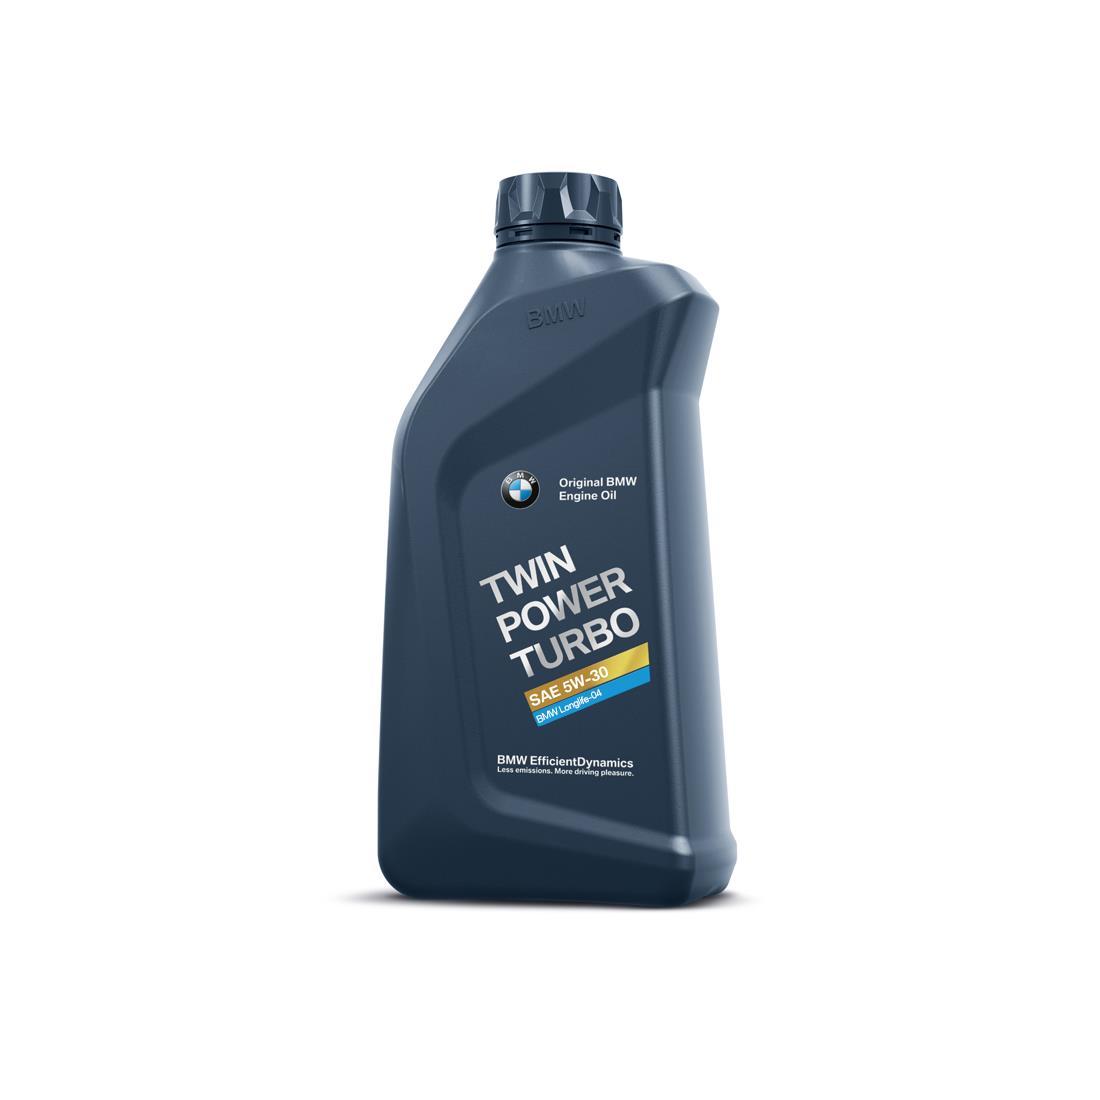 BMW TwinPower Turbo 5W-30 Engine Oil - 1 Liter